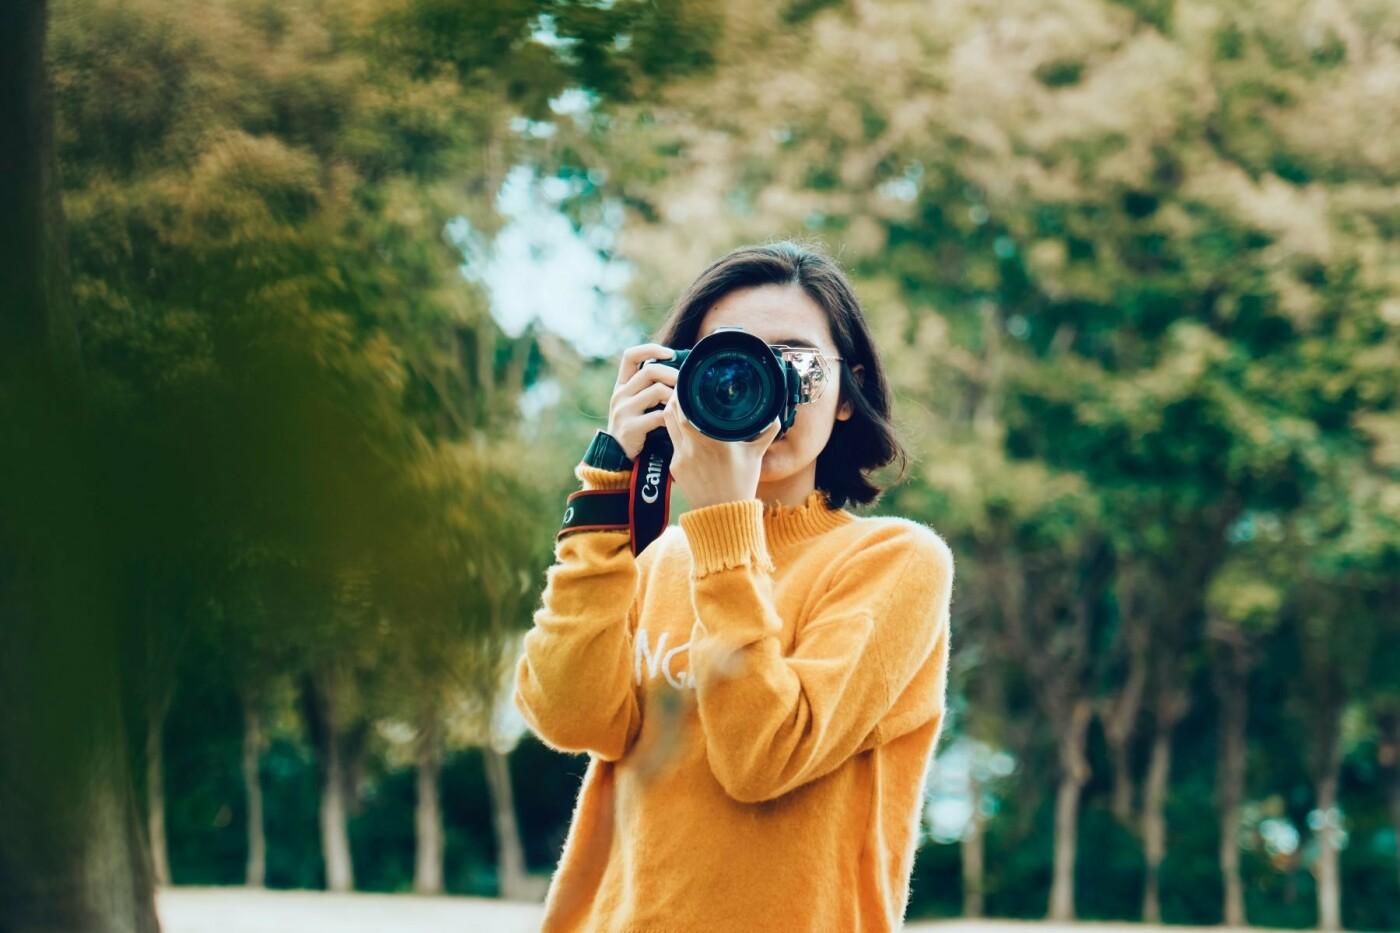 Работа для девушек камера работа скаутом в модельном агентстве